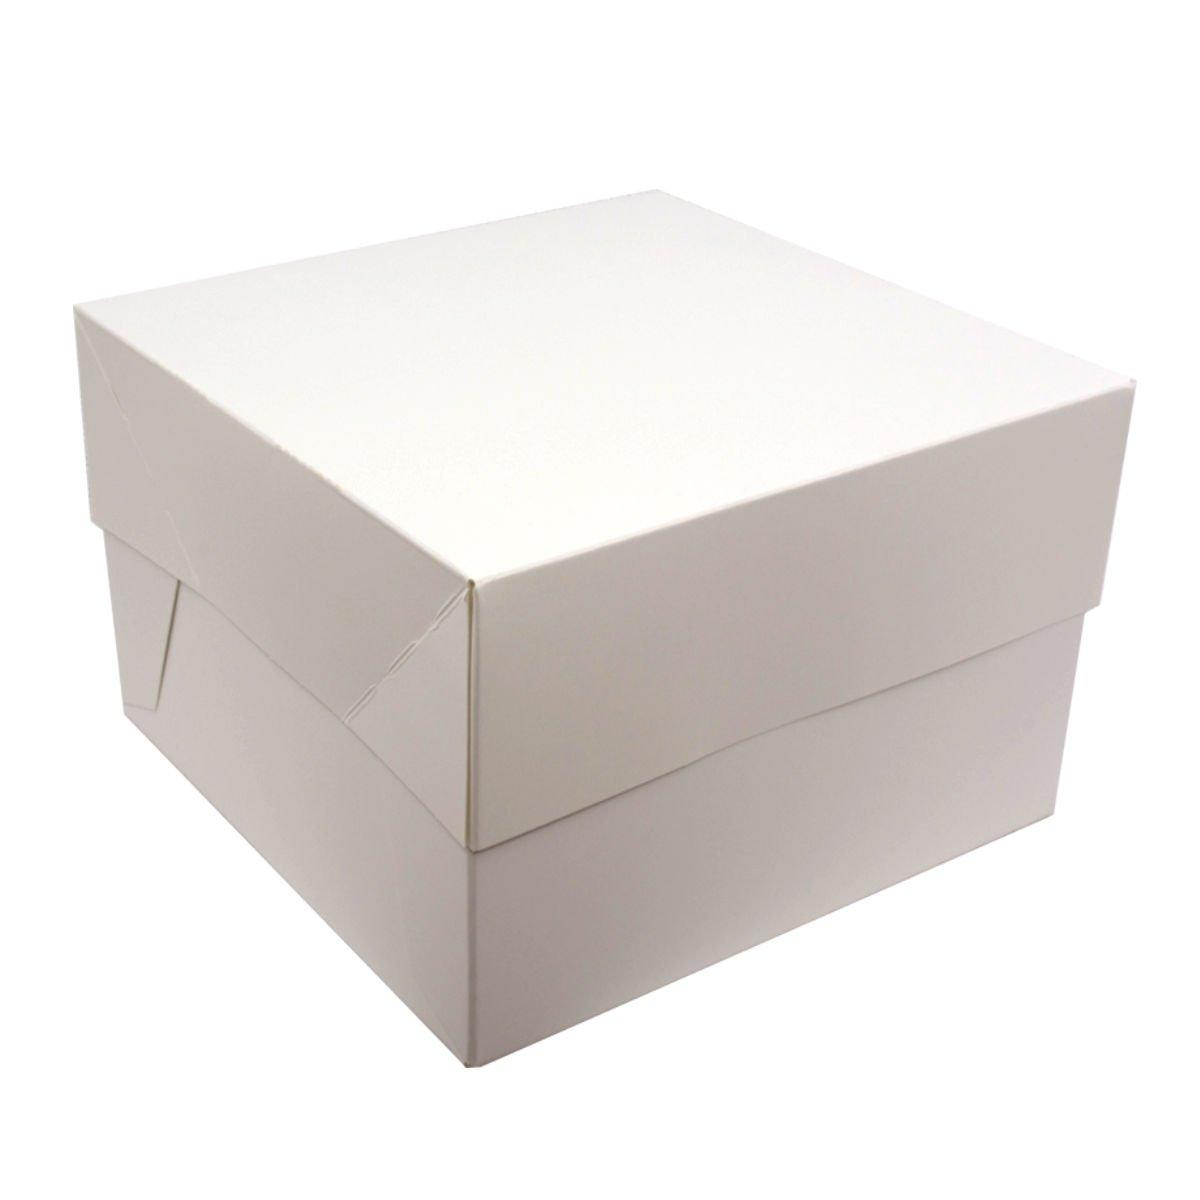 Cajas para pasteles. Cuadradas. Blancas. Paquete de 5. ¡Ideales para llevar tus creaciones!, Blanco, 8 pulgadas Reynards